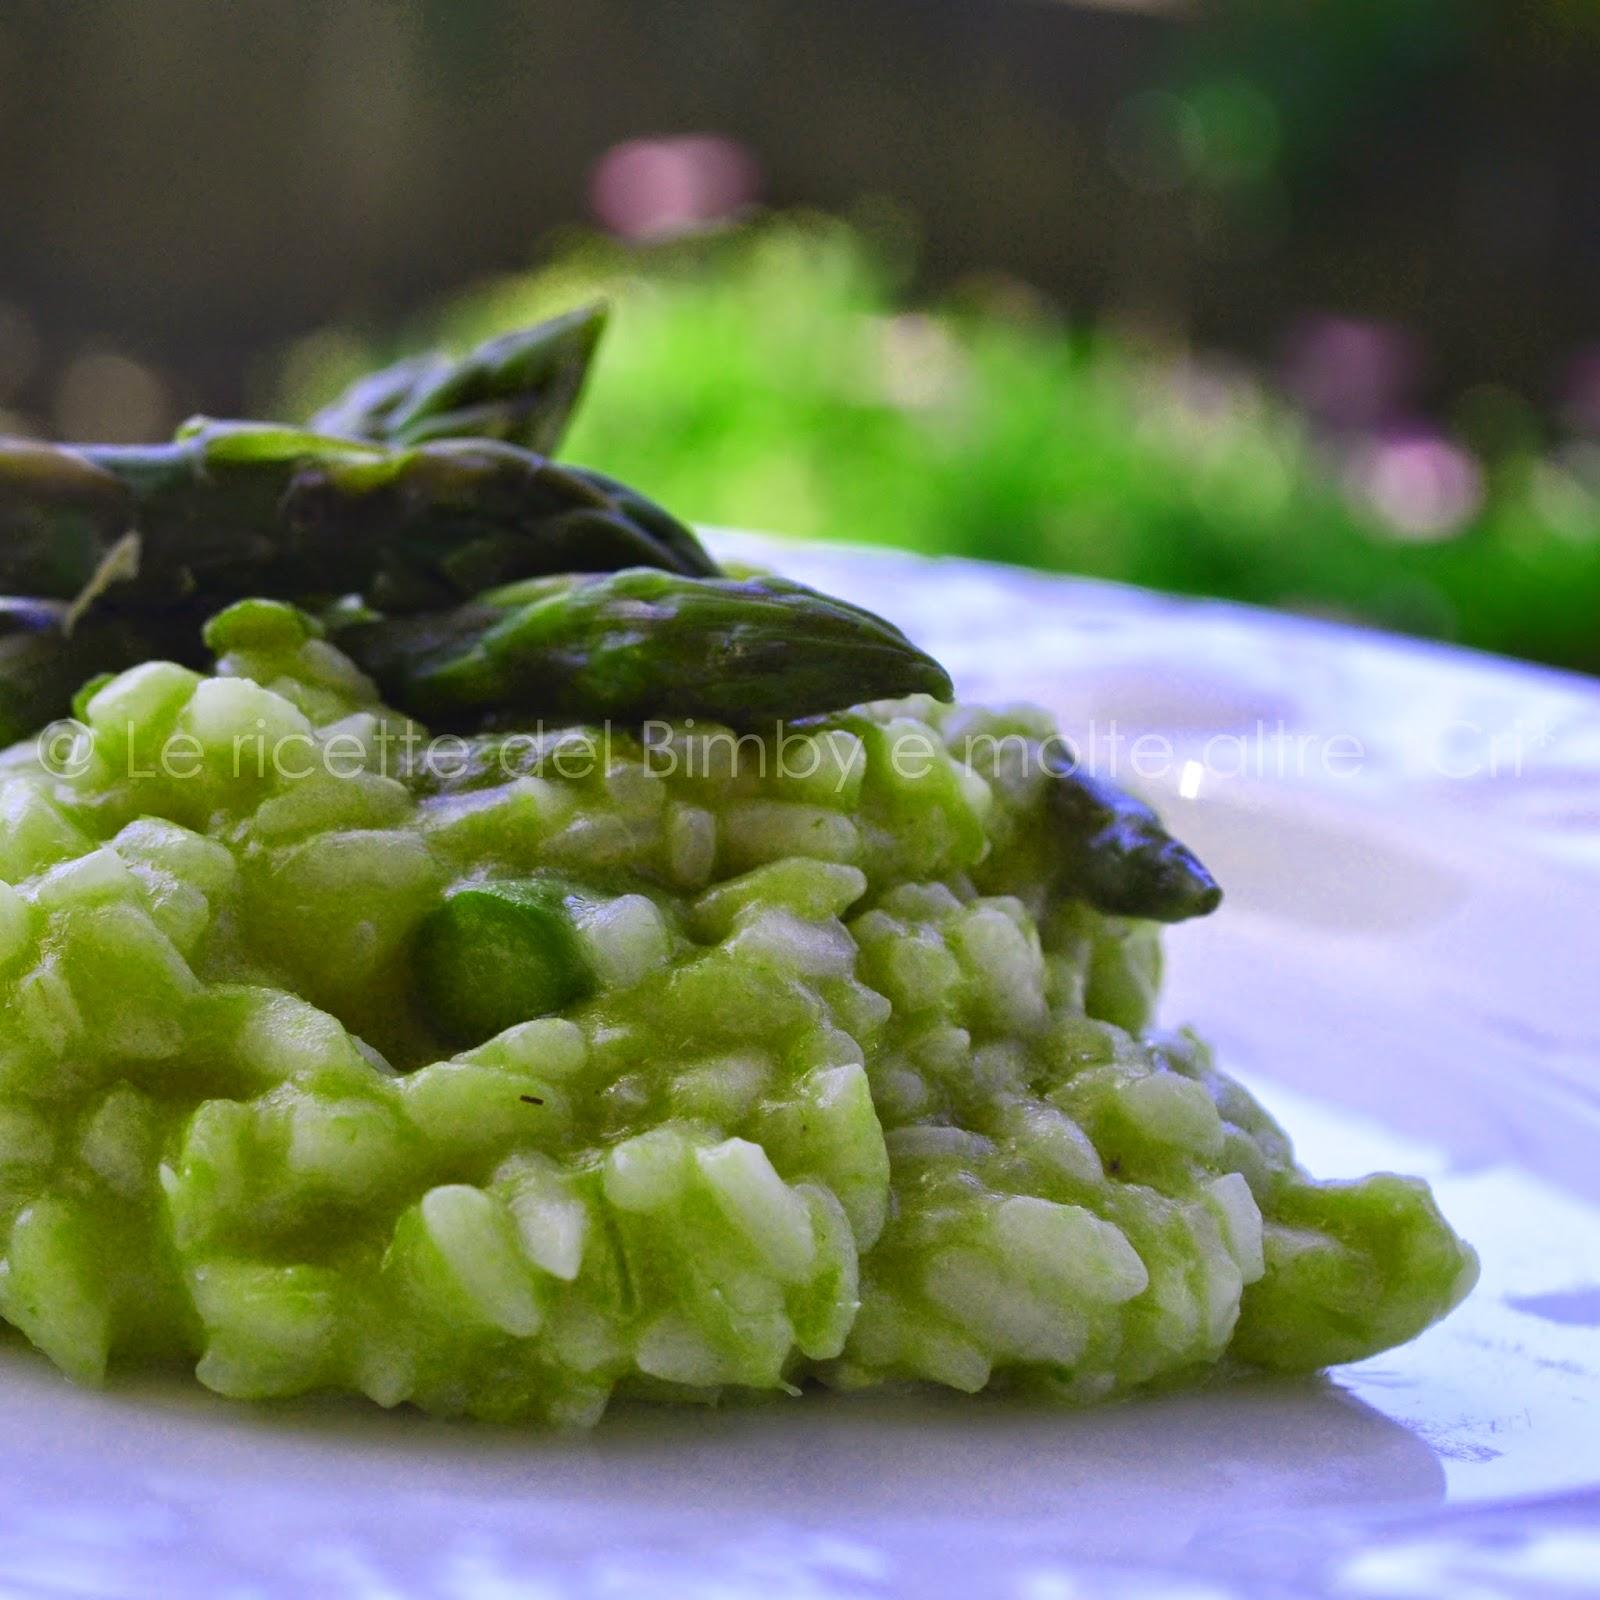 Ricette con asparagi verdi bimby